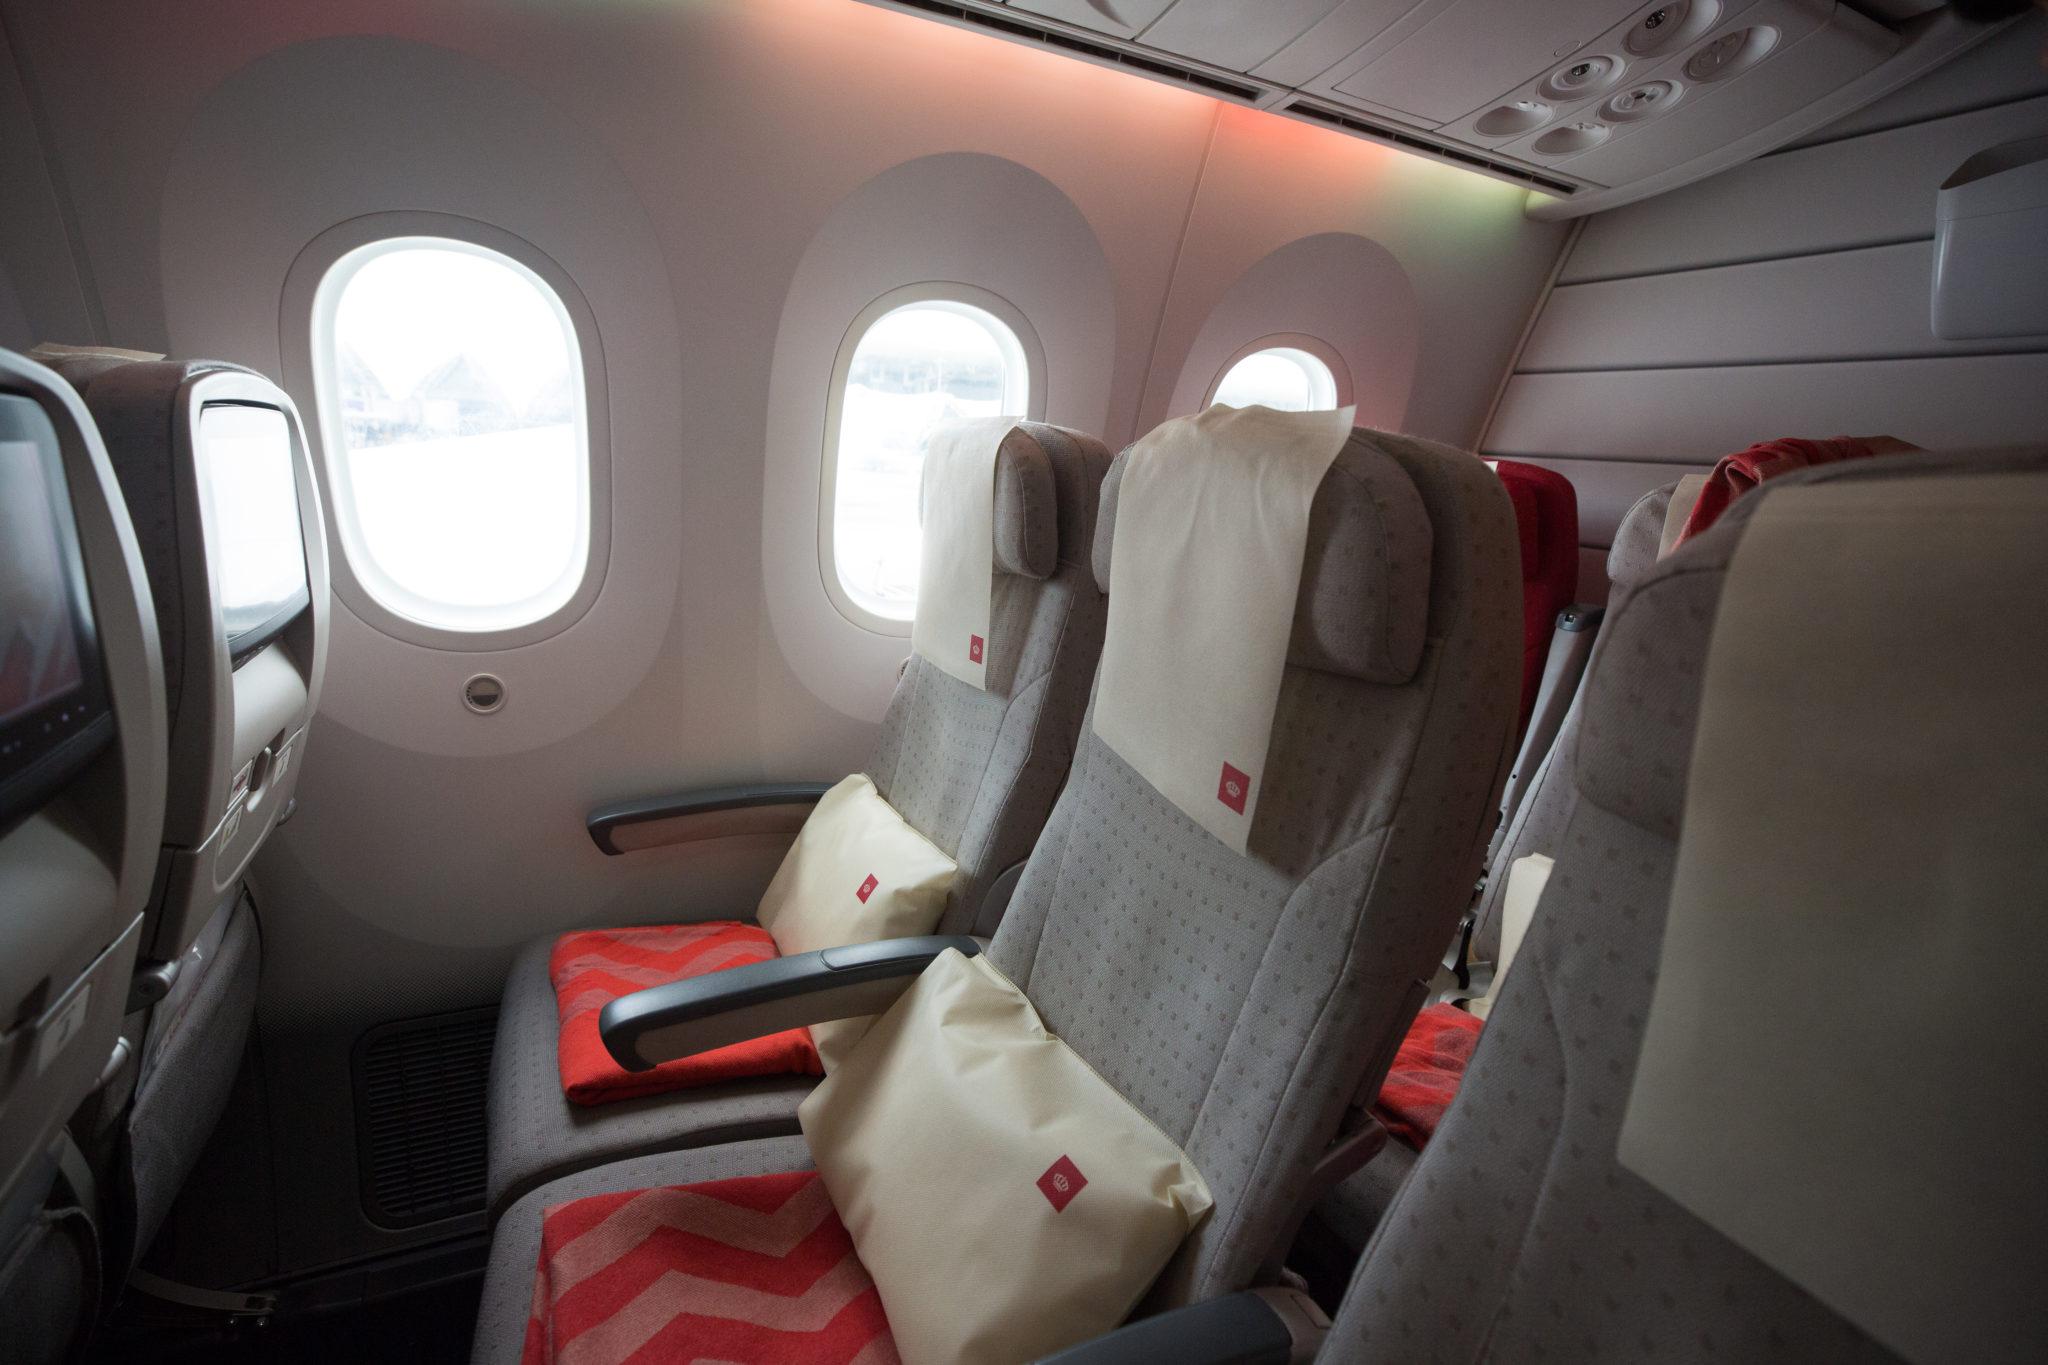 royal jordan airline contact number